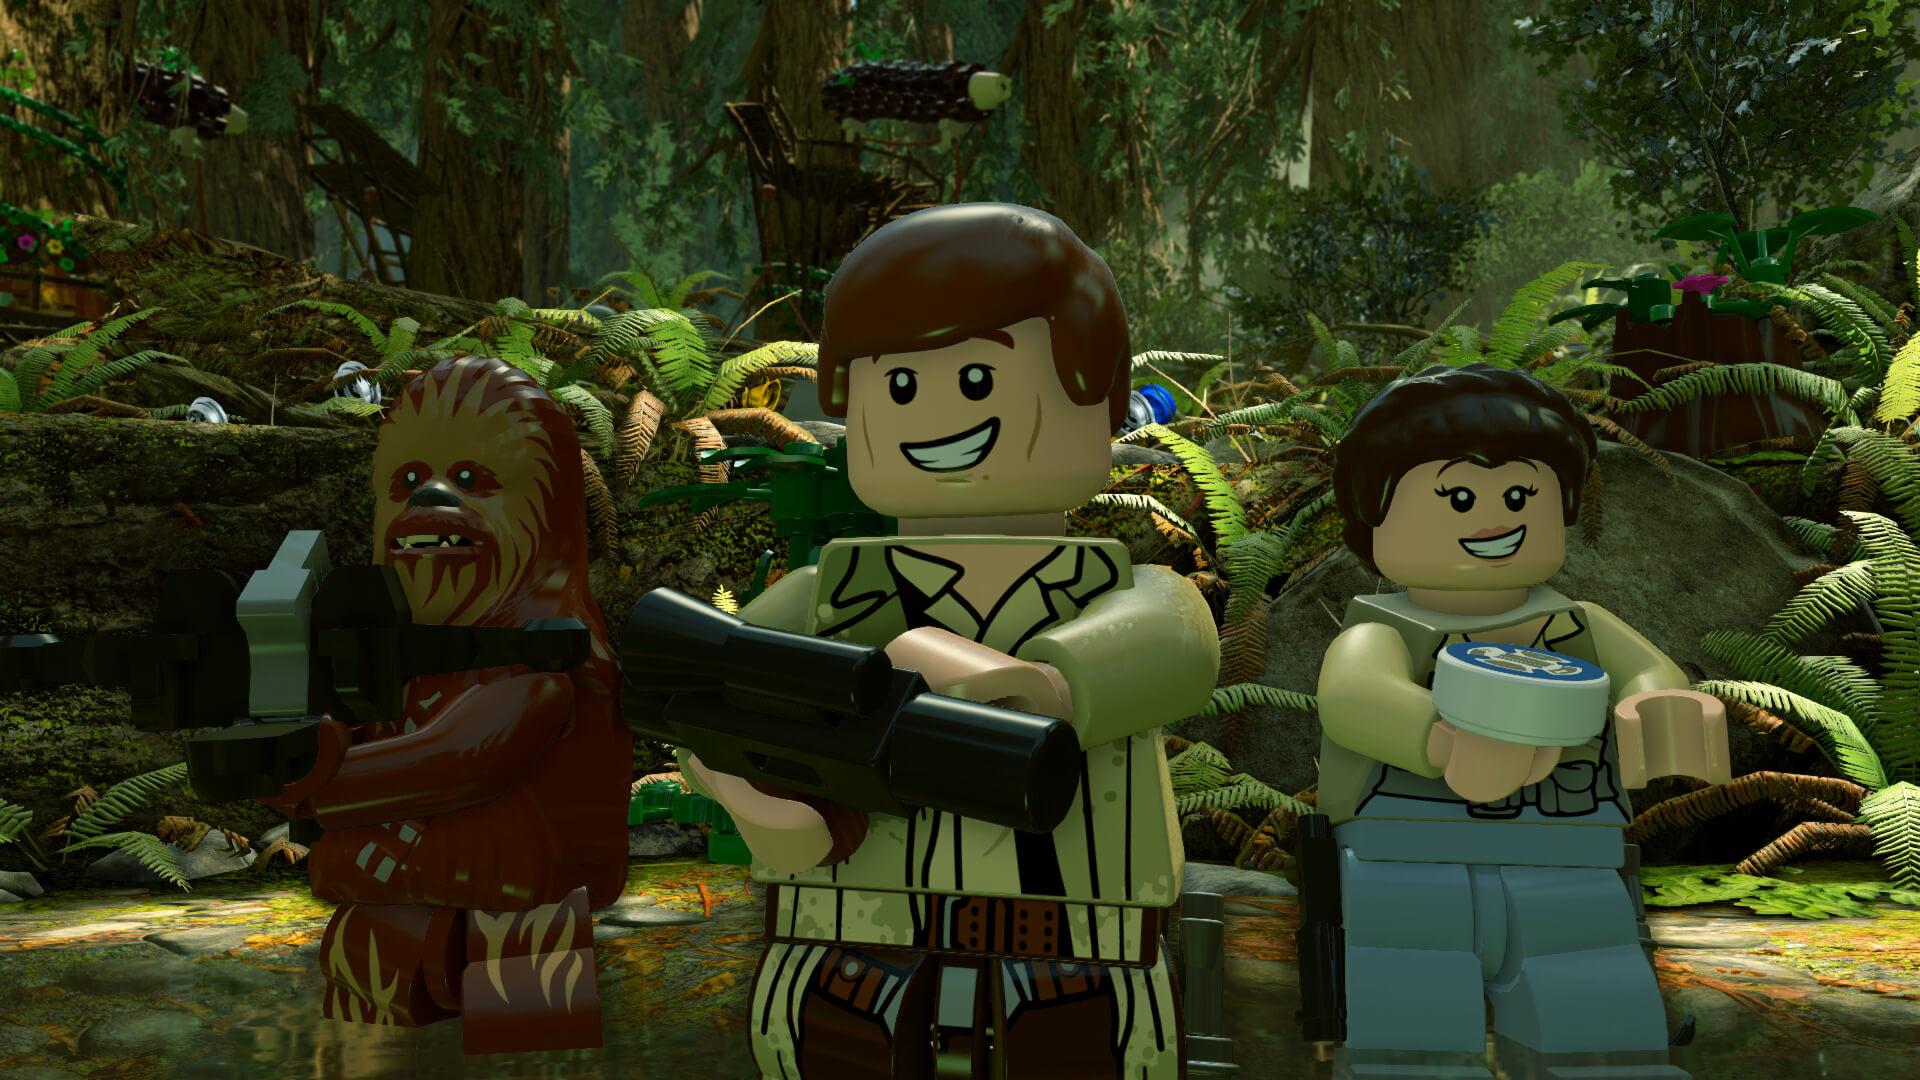 Lego Star Wars: The Force Awakens: Die Schlacht von Endor (Bildrechte: Feral Interactive)